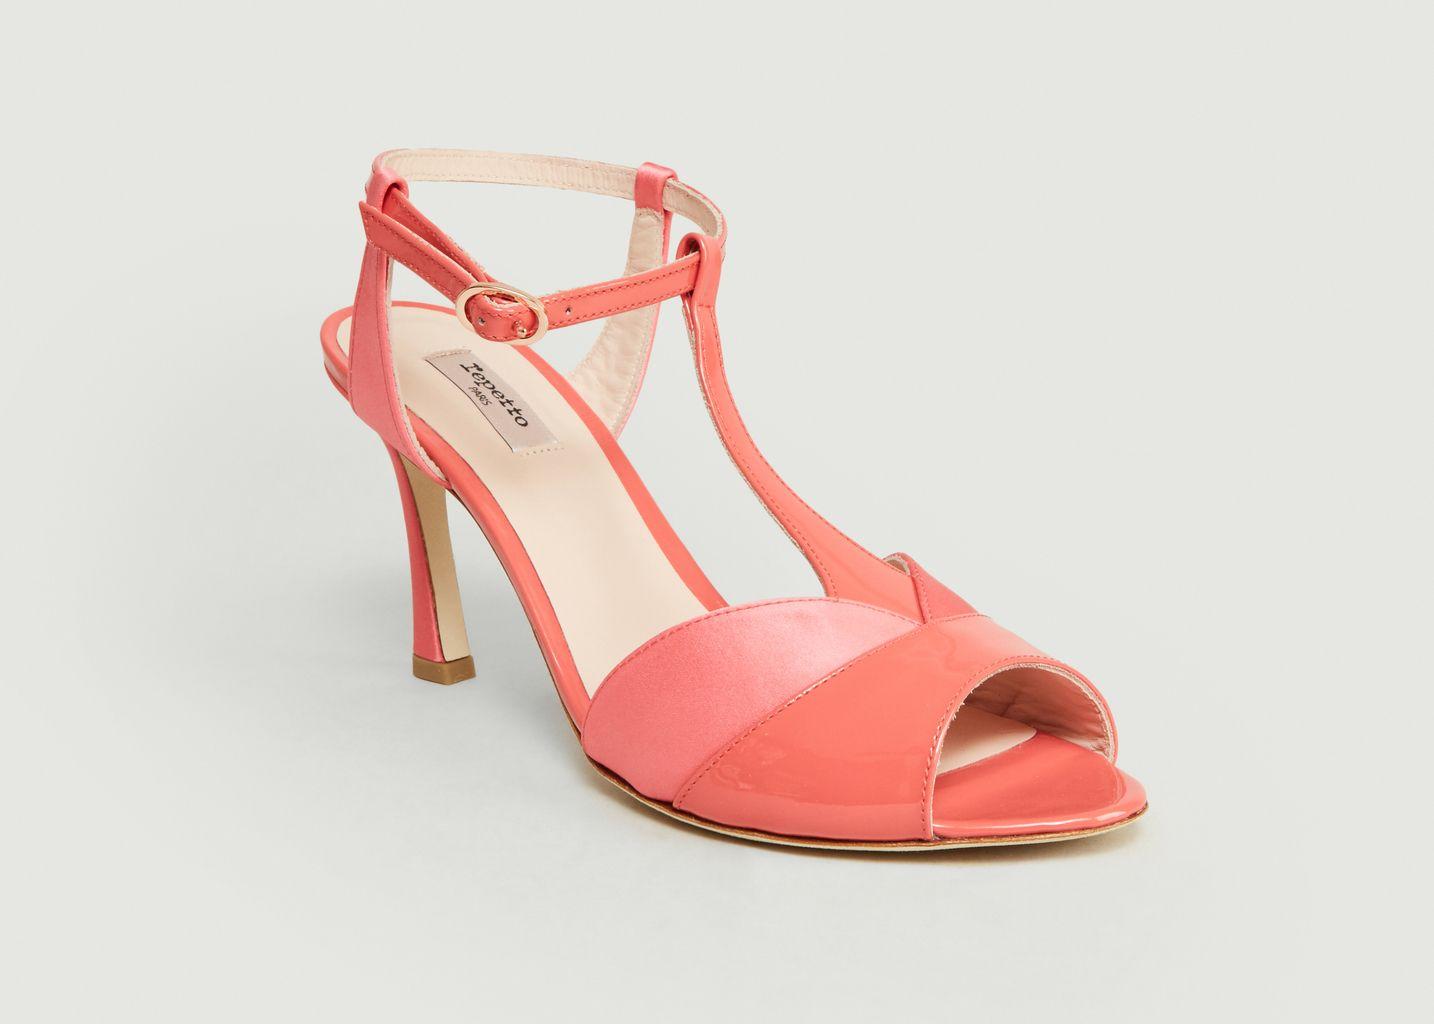 Sandales Irma - Repetto